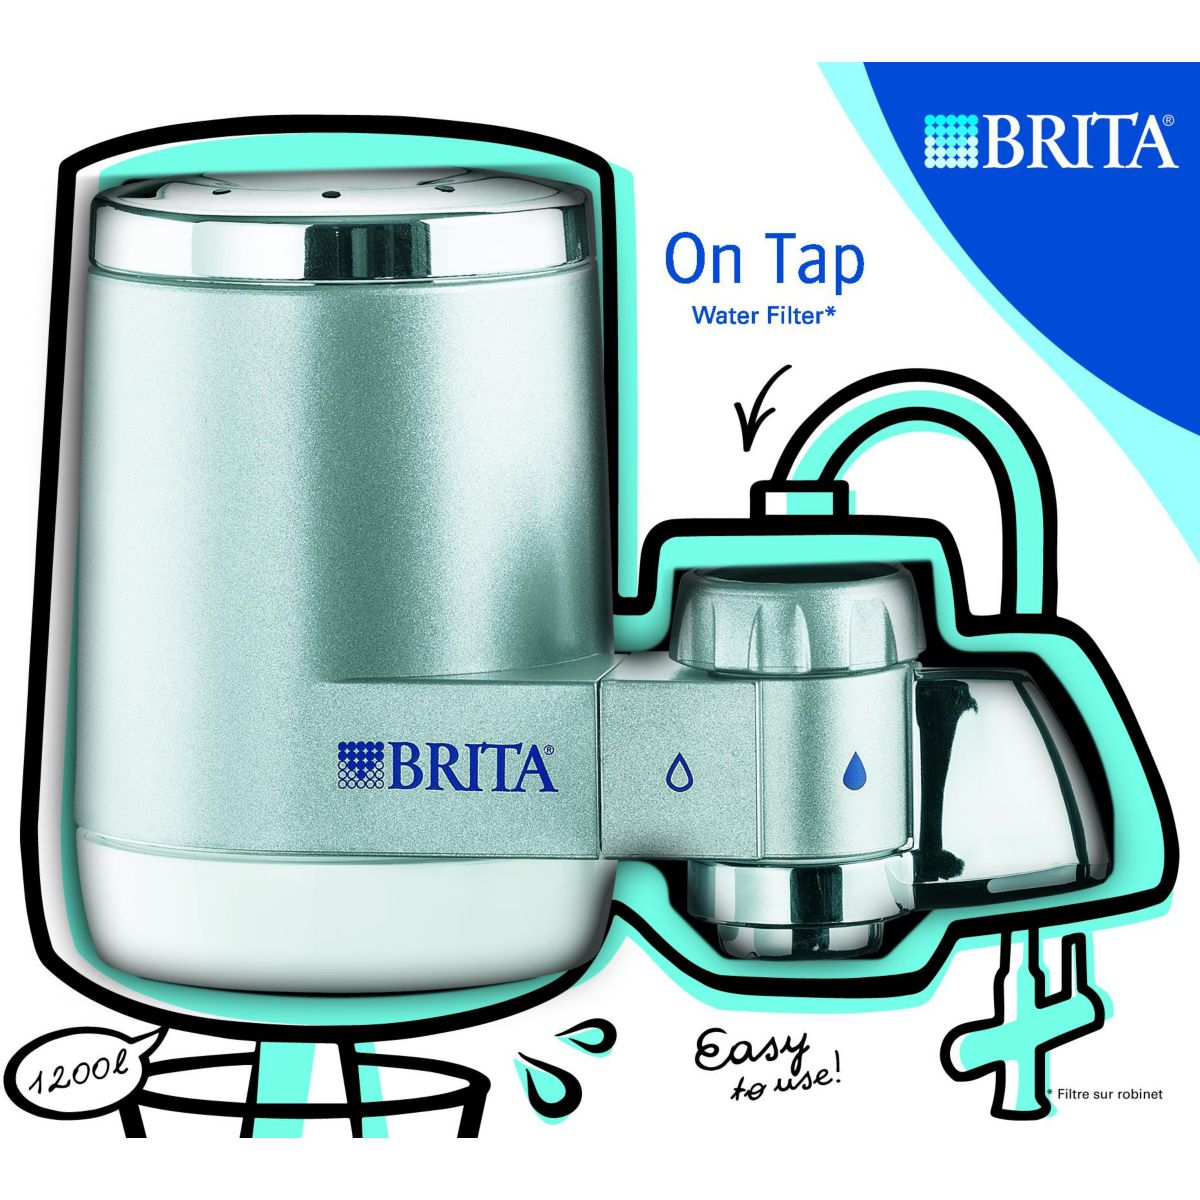 Robinet filtrante BRITA On Tap Silver